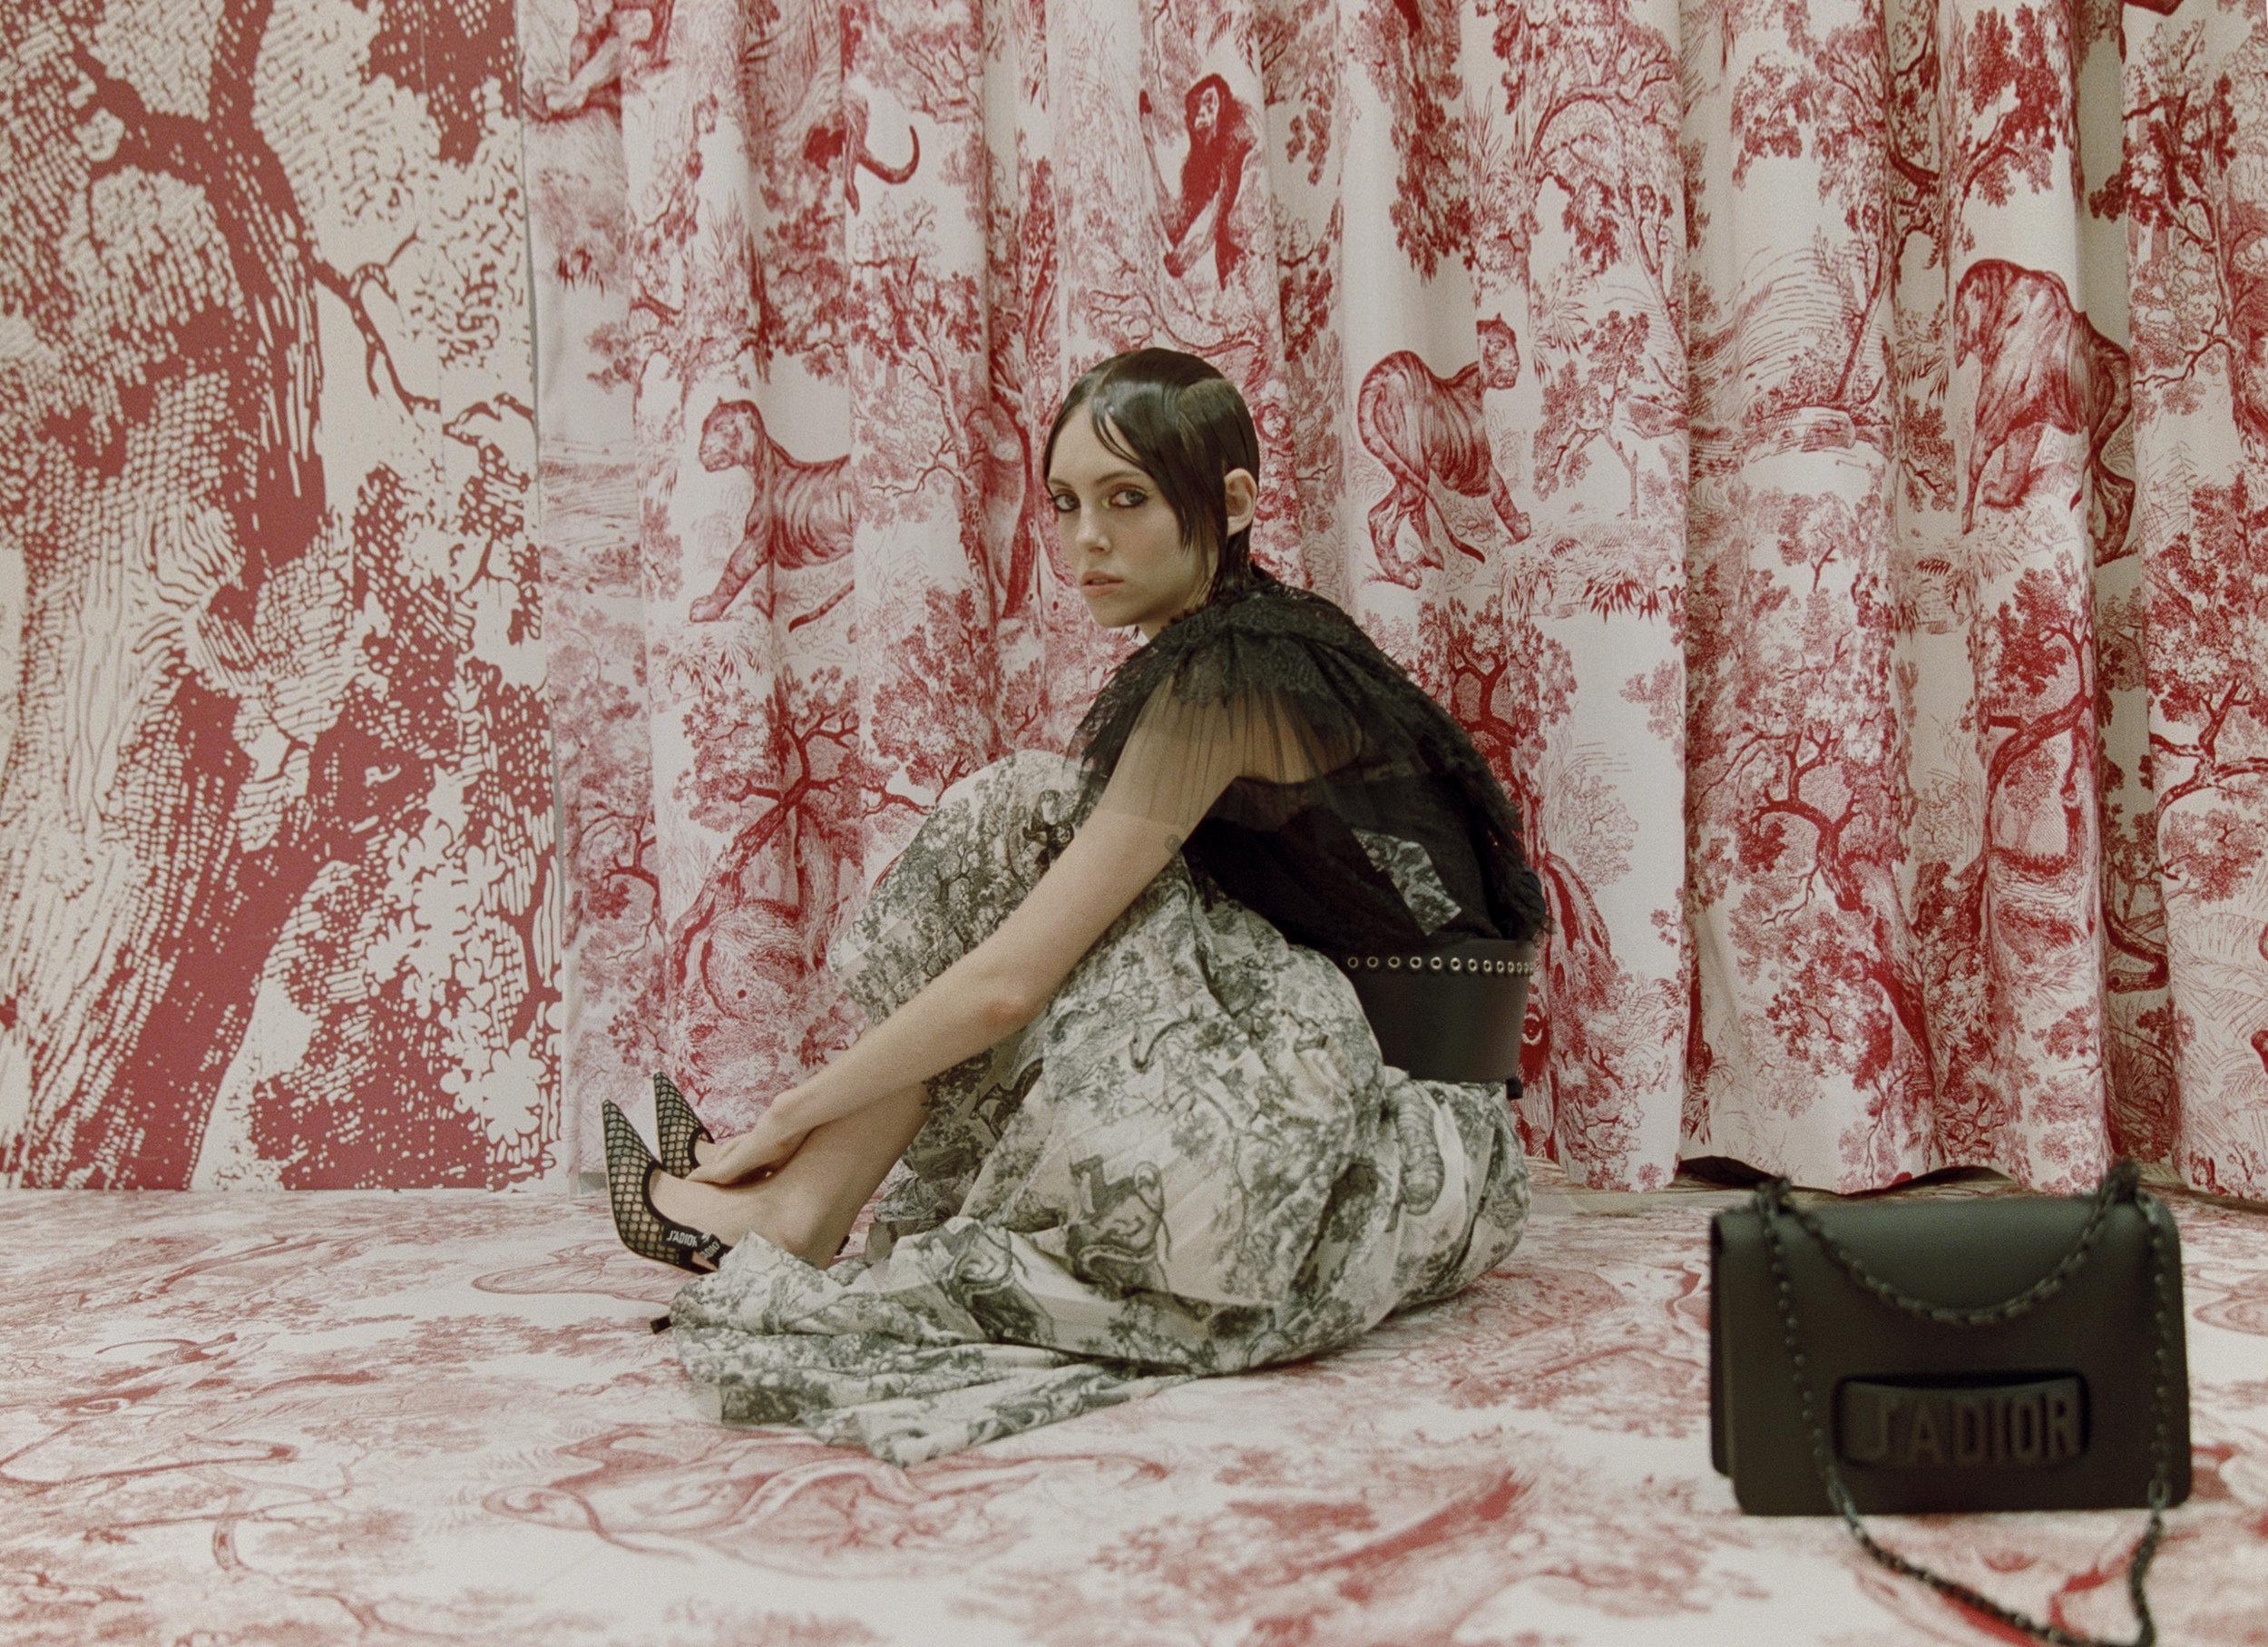 DAPHNENGUYEN-Dior x Matilda final-181214000246290026.jpg